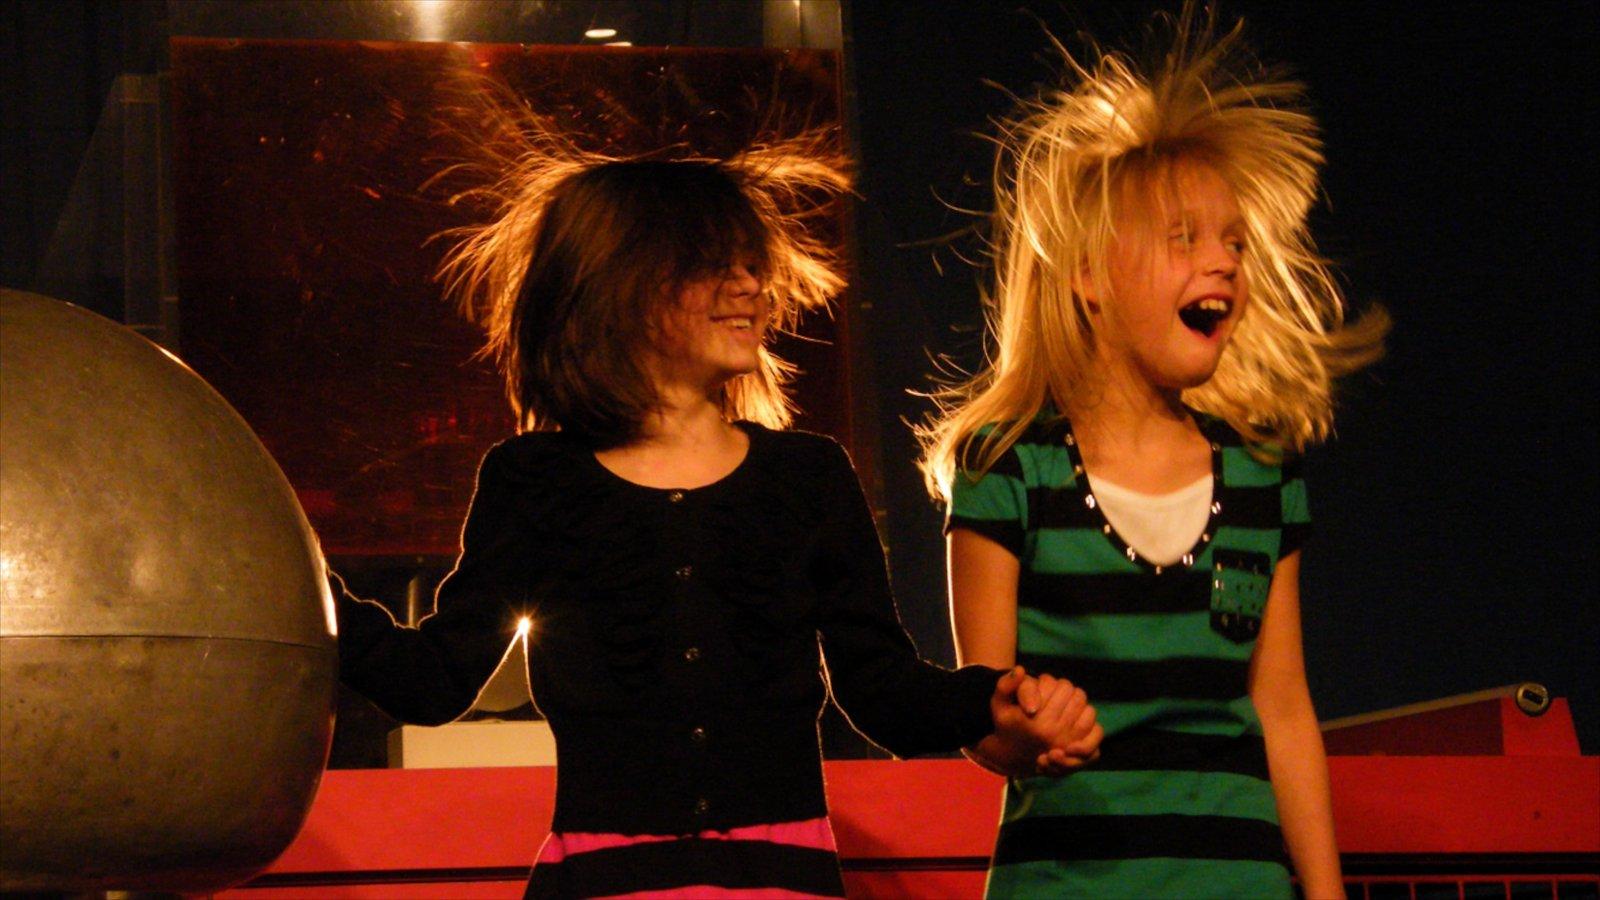 Ontario Science Centre caracterizando vistas internas assim como crianças